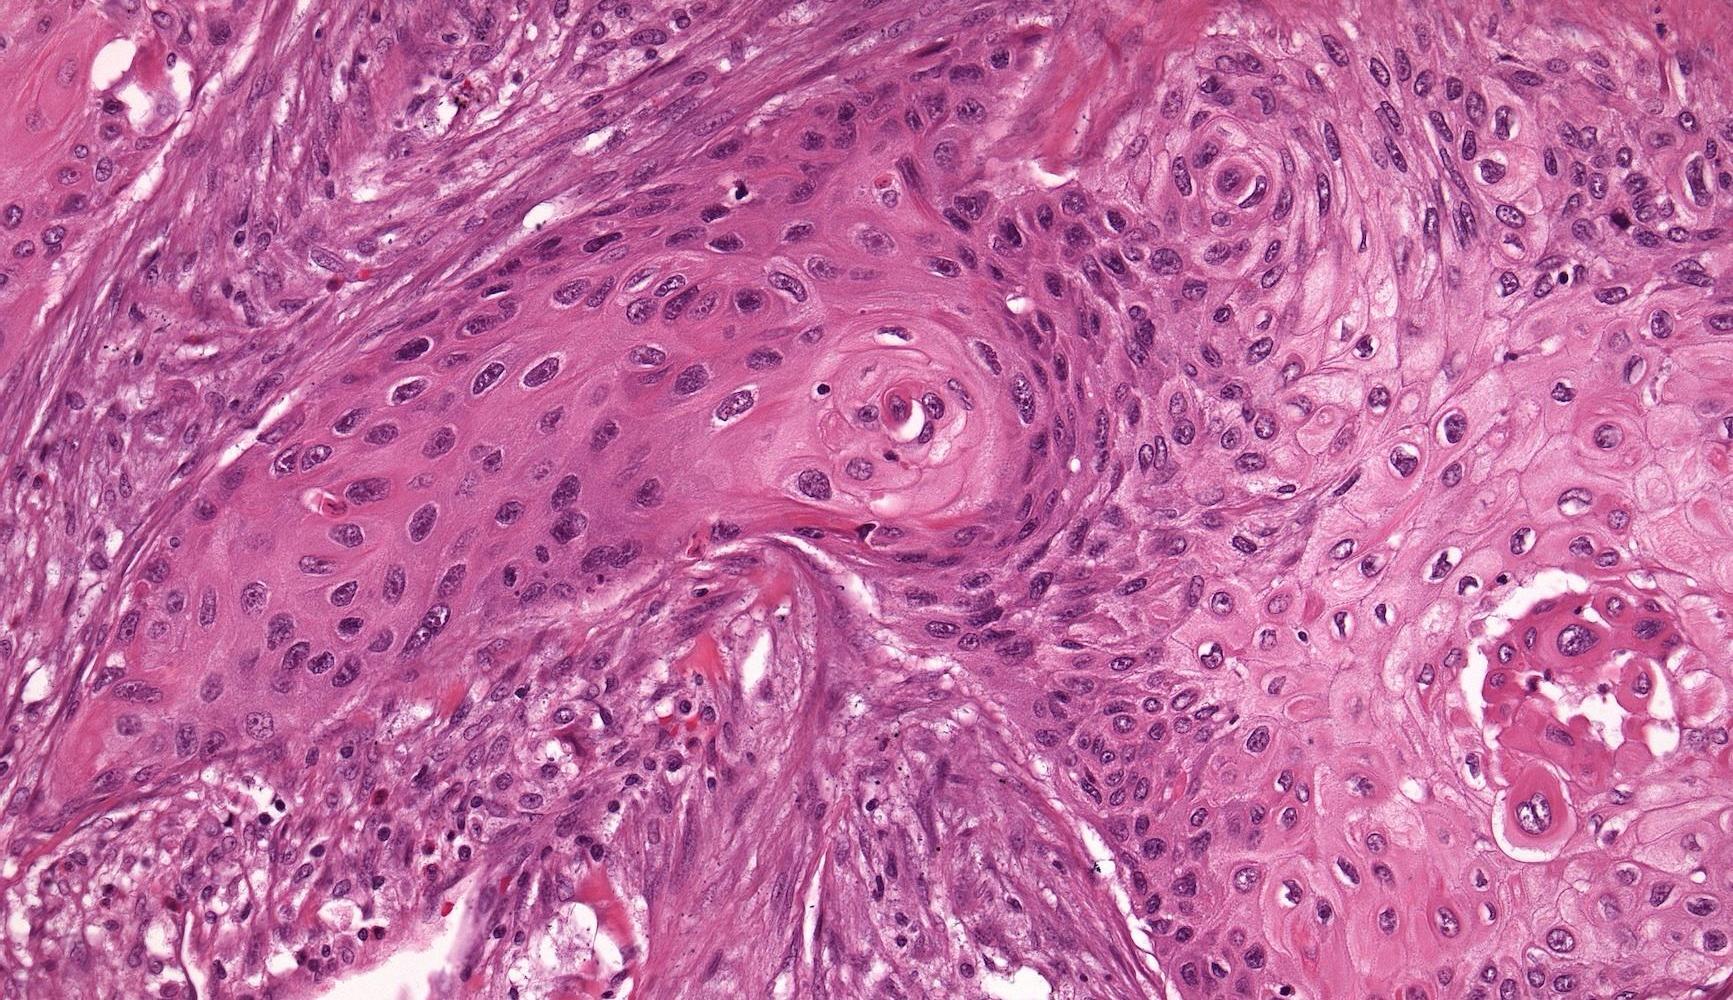 Избыток антиоксидантов увеличивает вероятность возникновения метастазов рака